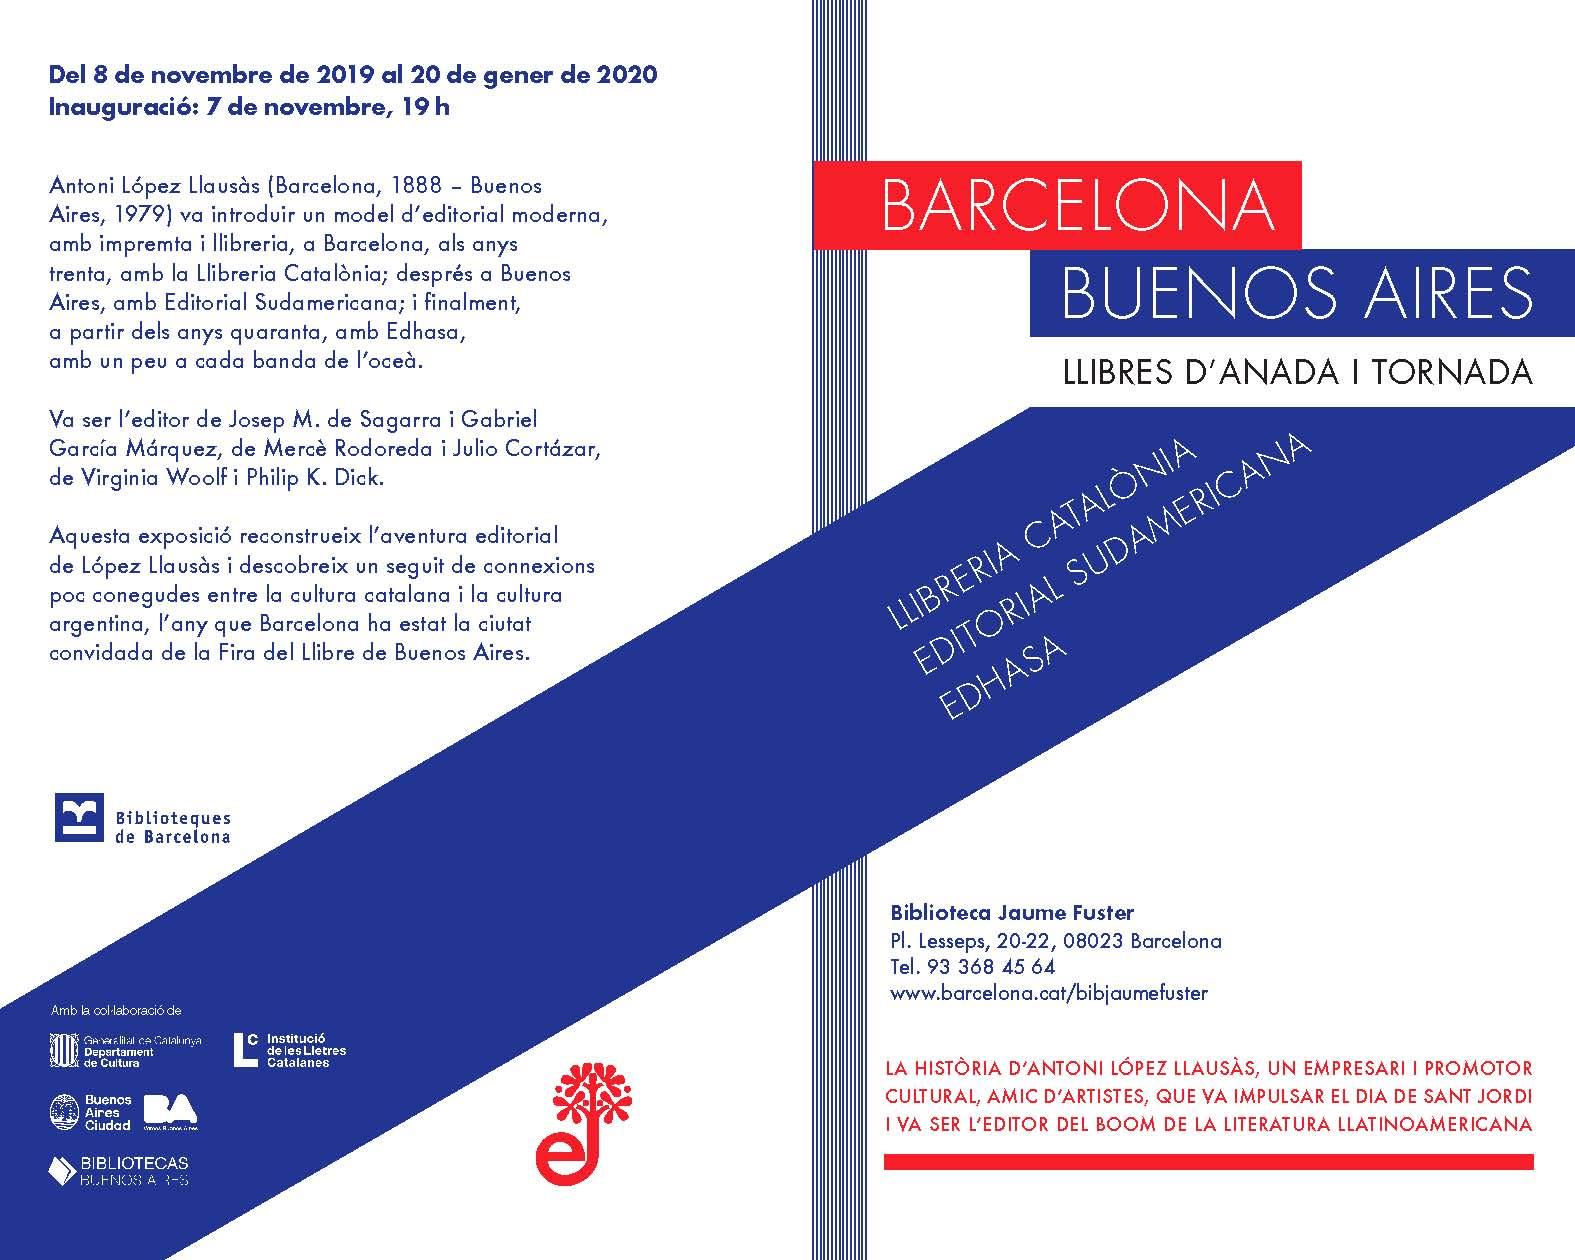 Barcelona - Buenos Aires y Antonio López Llausás, fundador de Edhasa